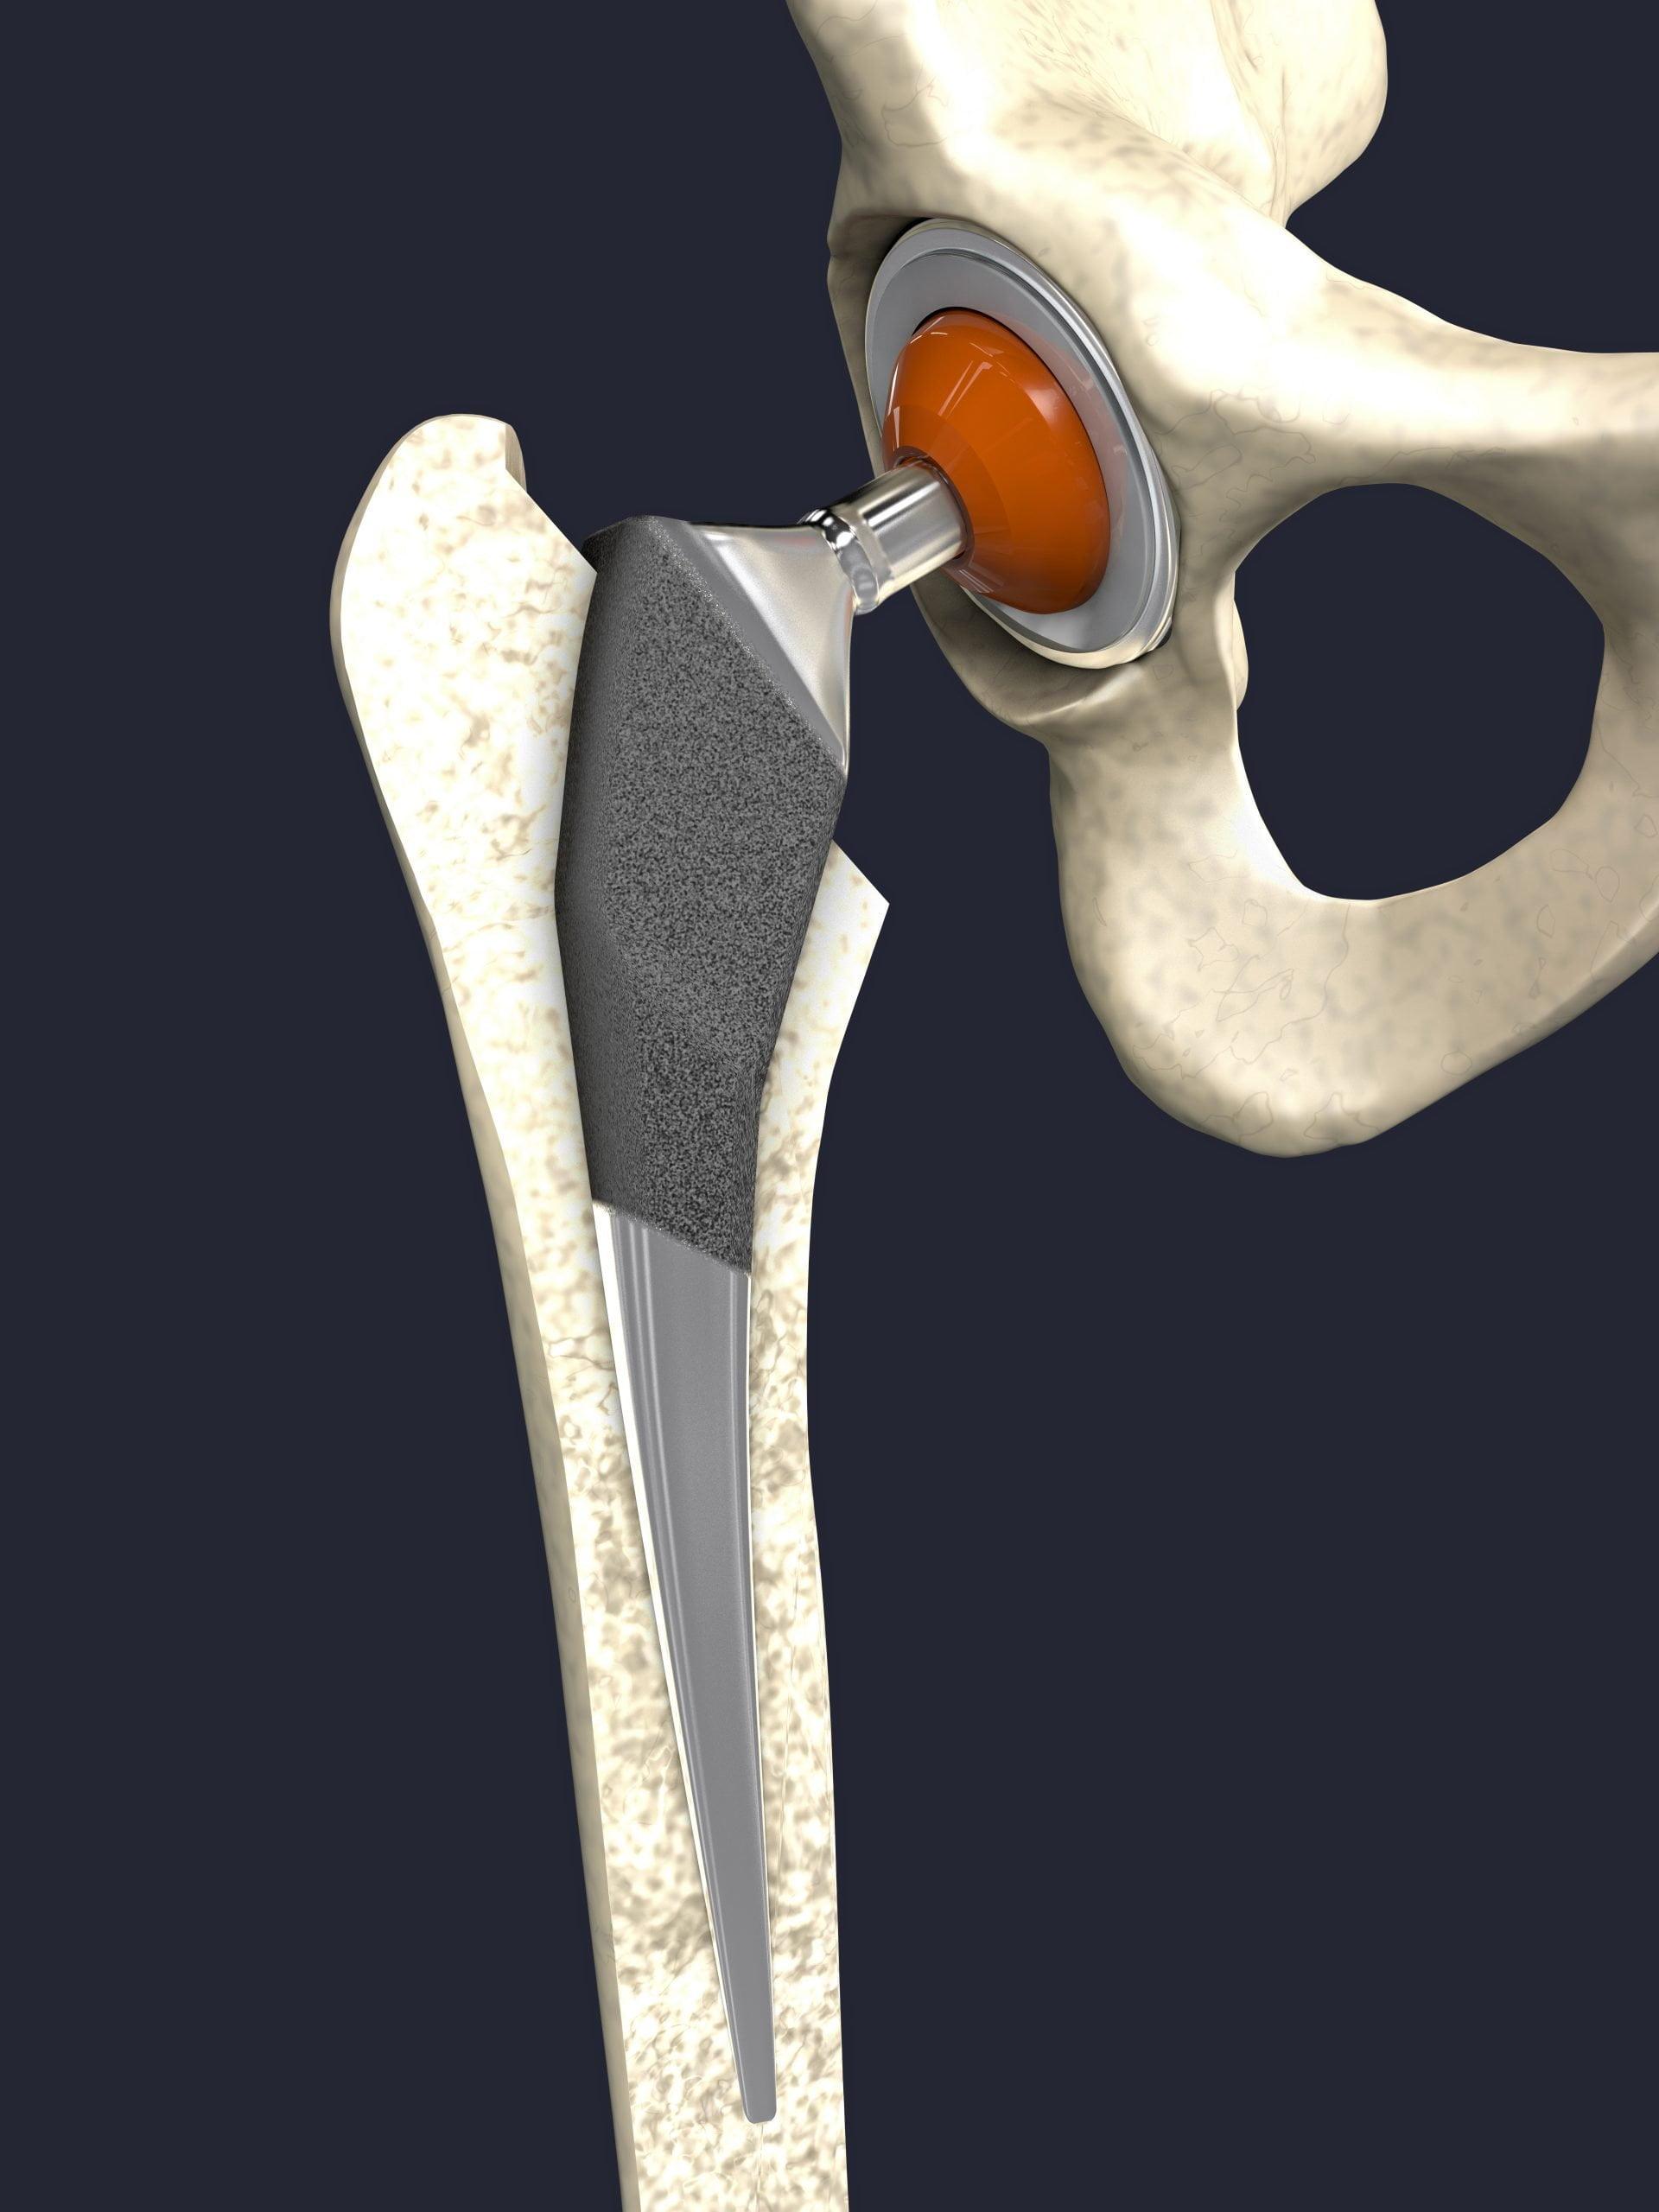 Prothèses Totales du Genou